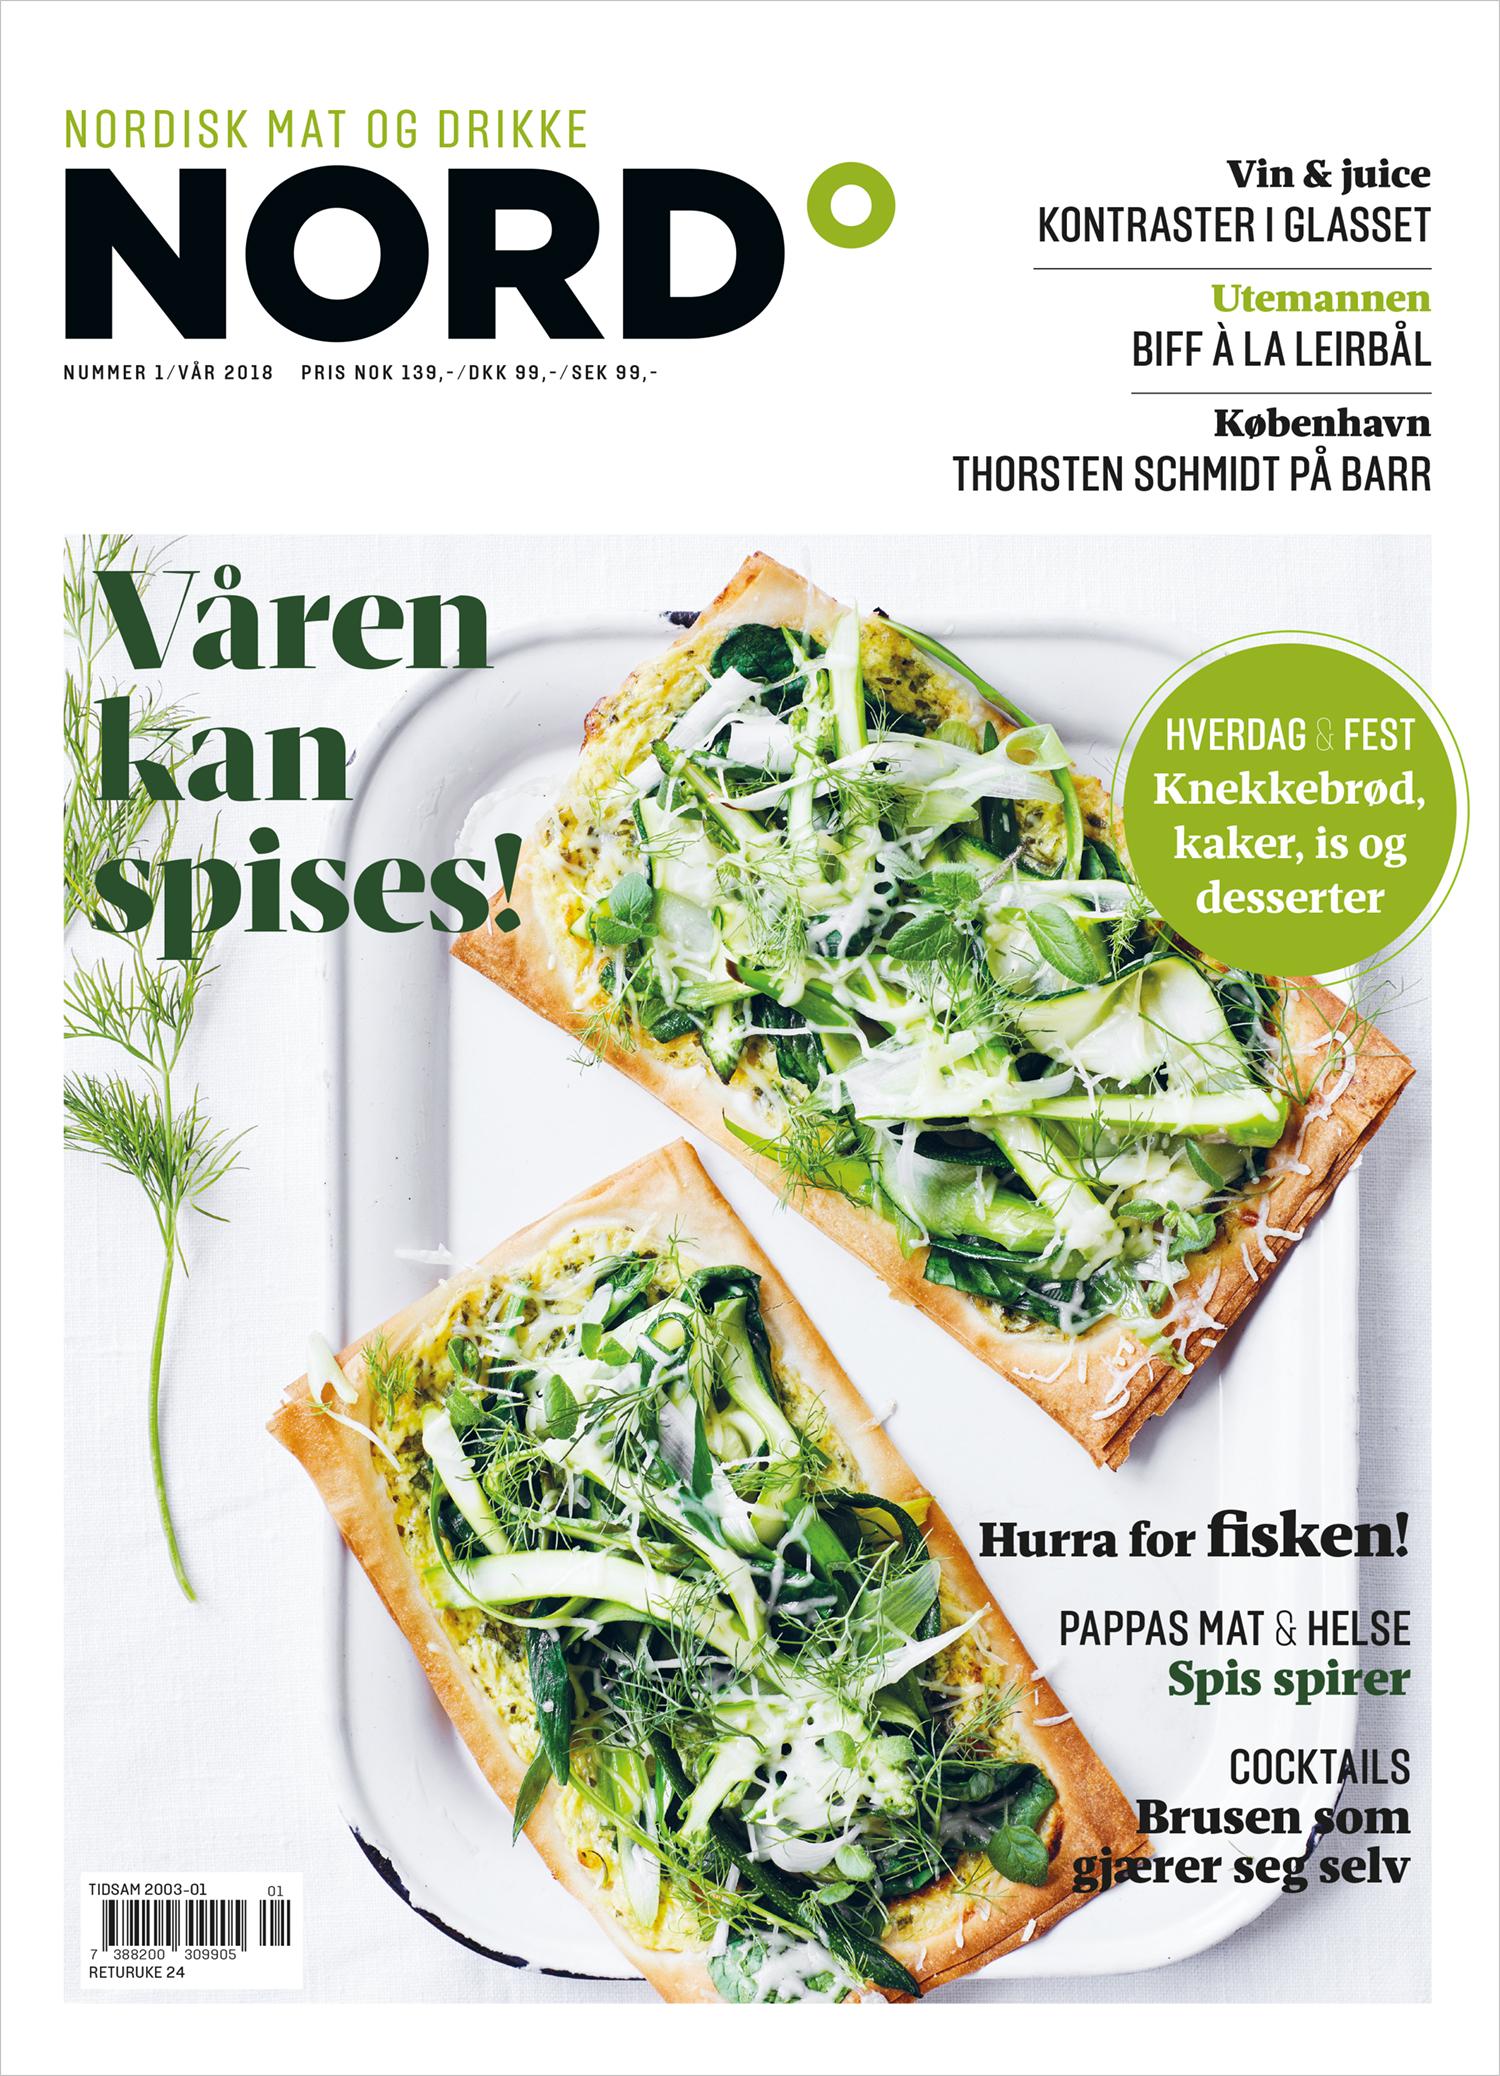 Nord_Outline_1-2018.jpg